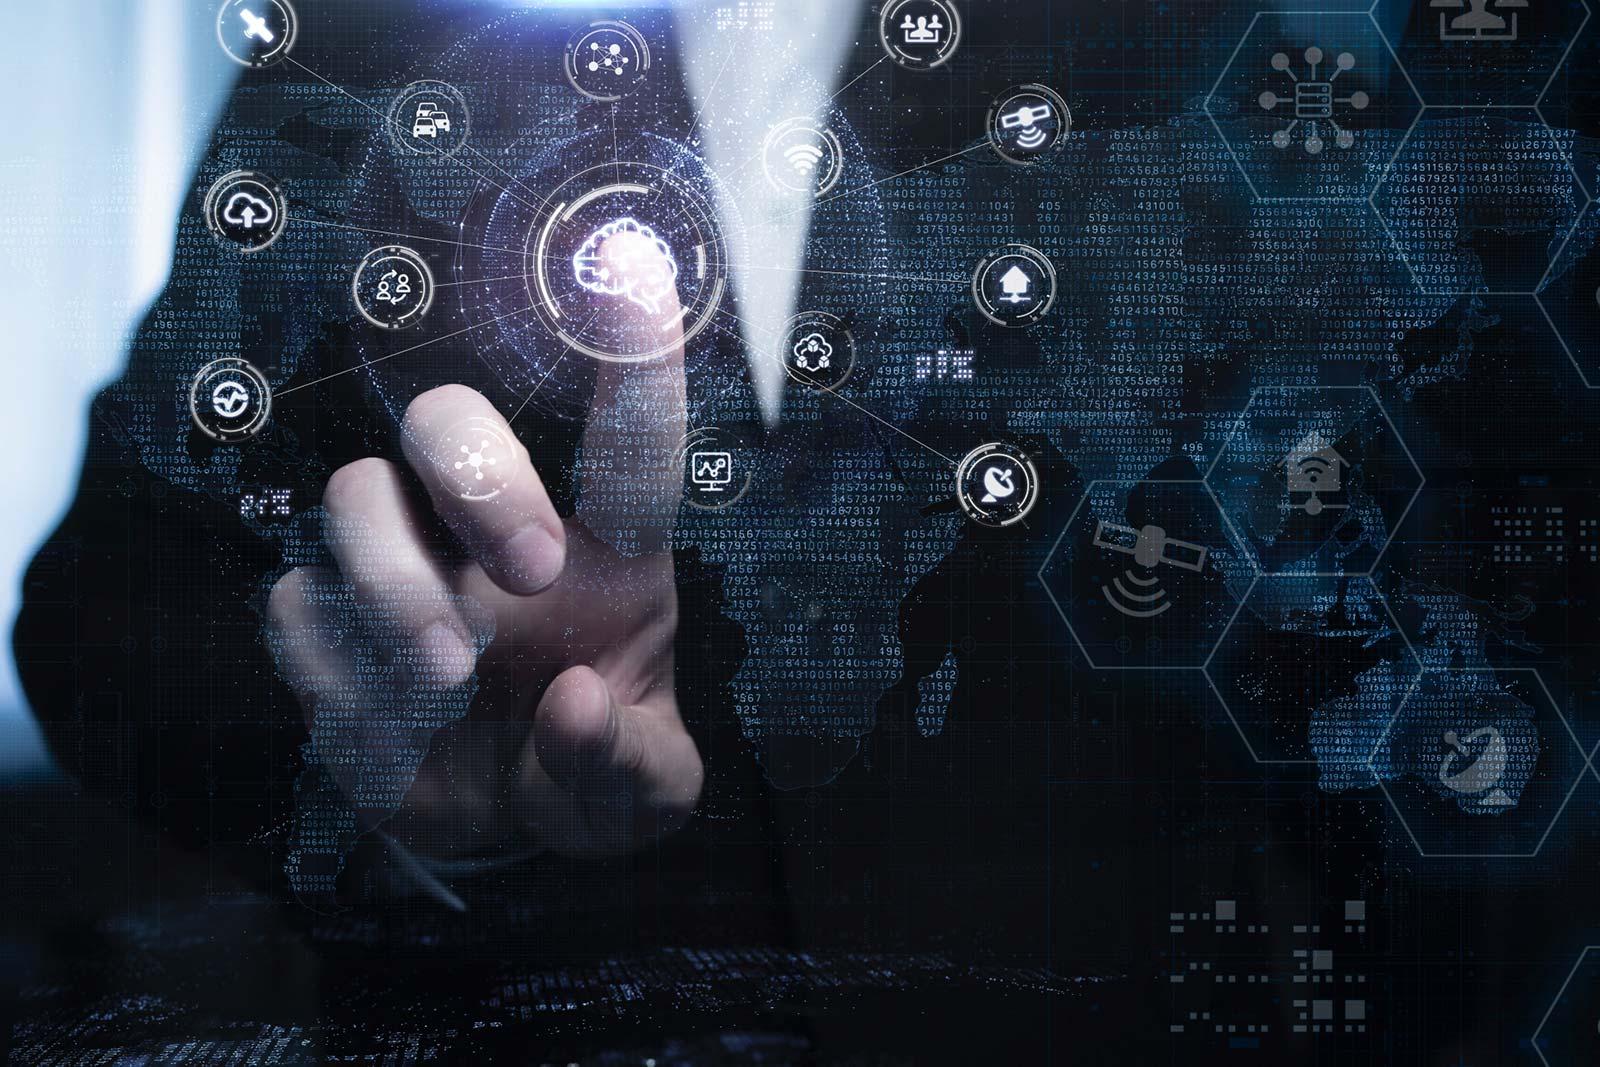 人の指をモチーフとするITネットワークのイメージ画像